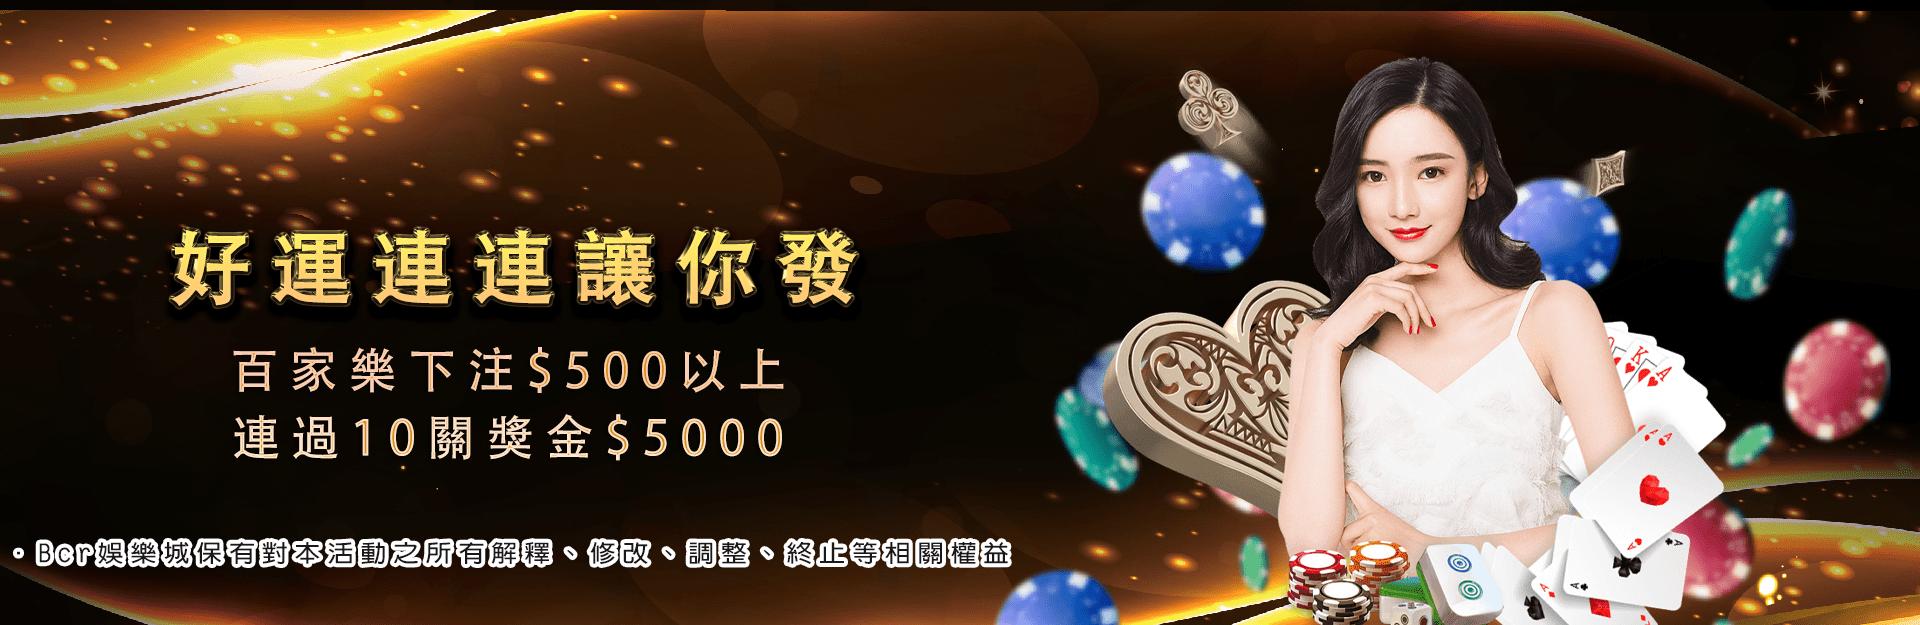 百家樂連勝獎金5000$